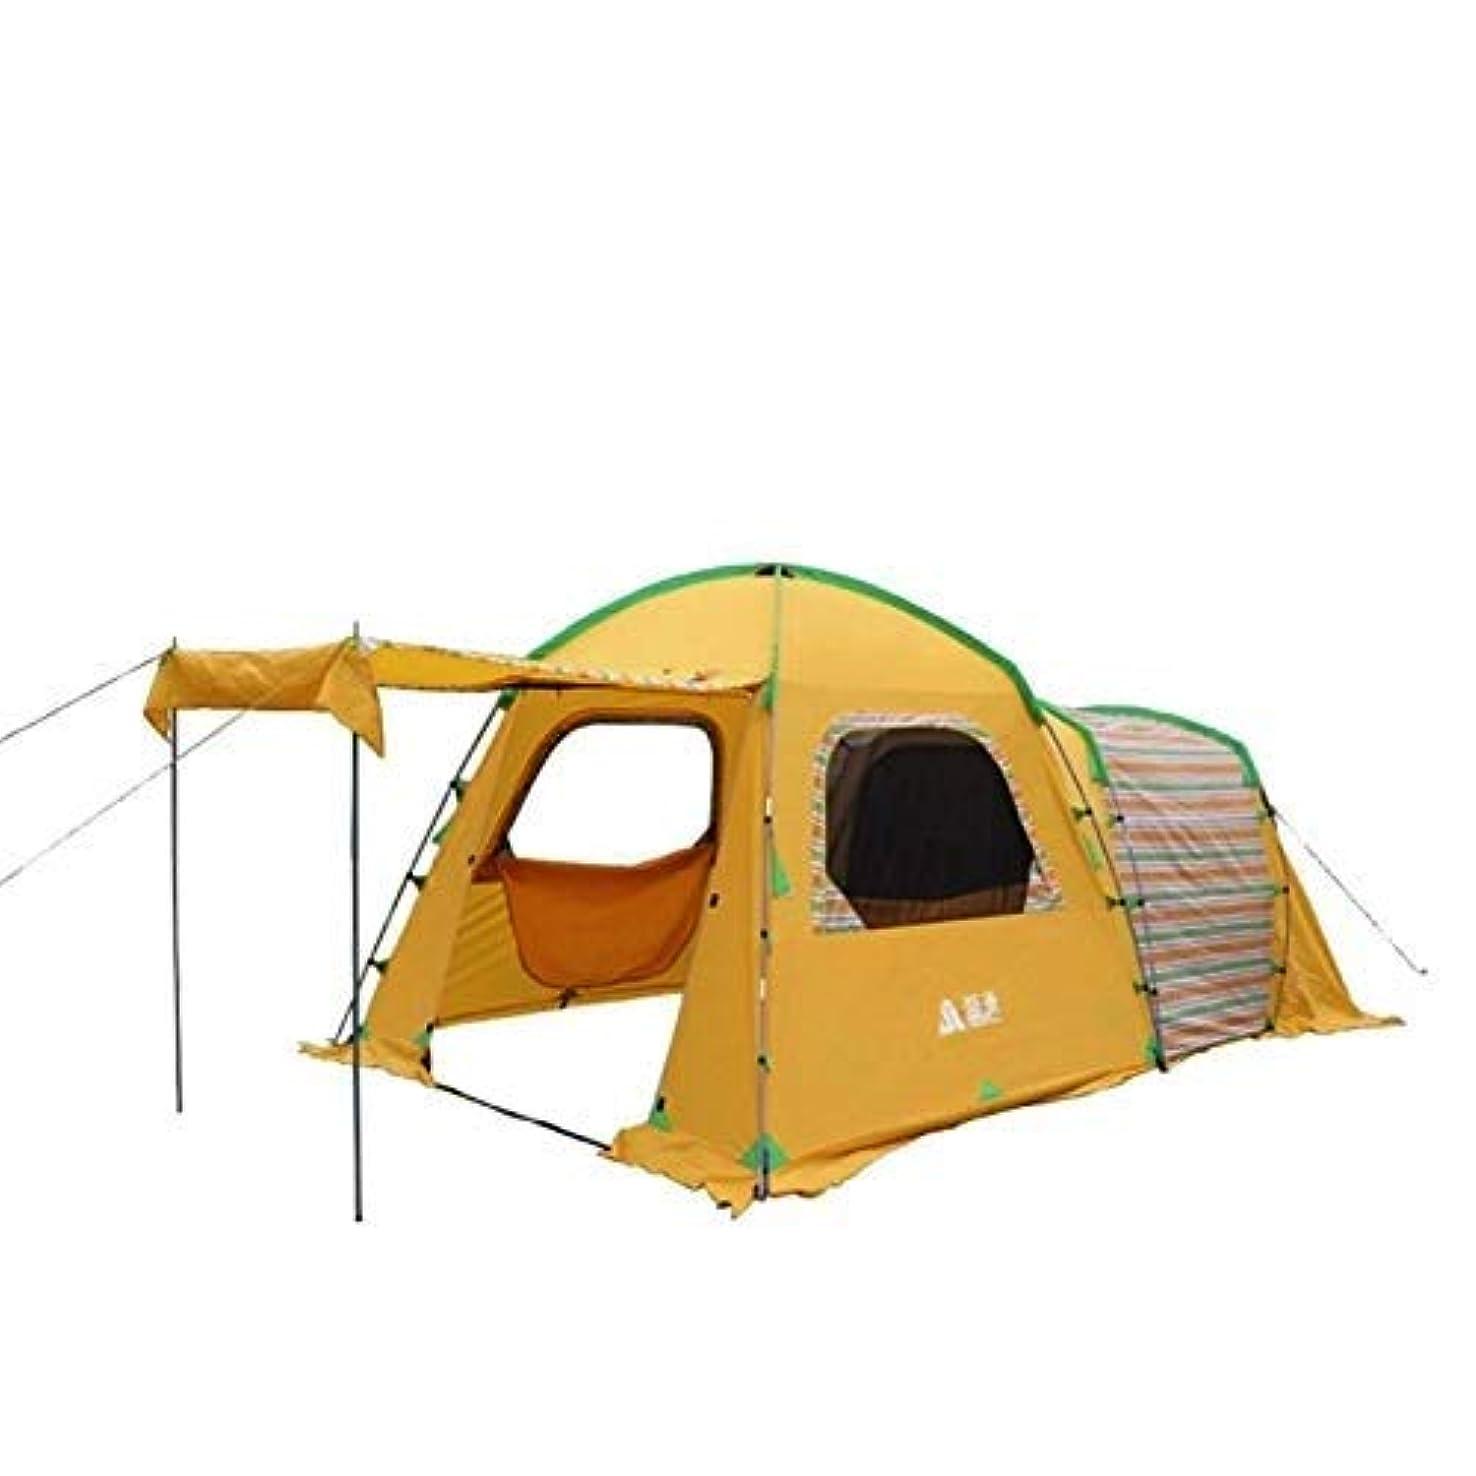 鹿荒野カメラ屋外キャンプテント3-4人国家風二重層防風耐久性日焼け止め防水友達家族旅行休暇ピクニックビーチパーク芝生黄色